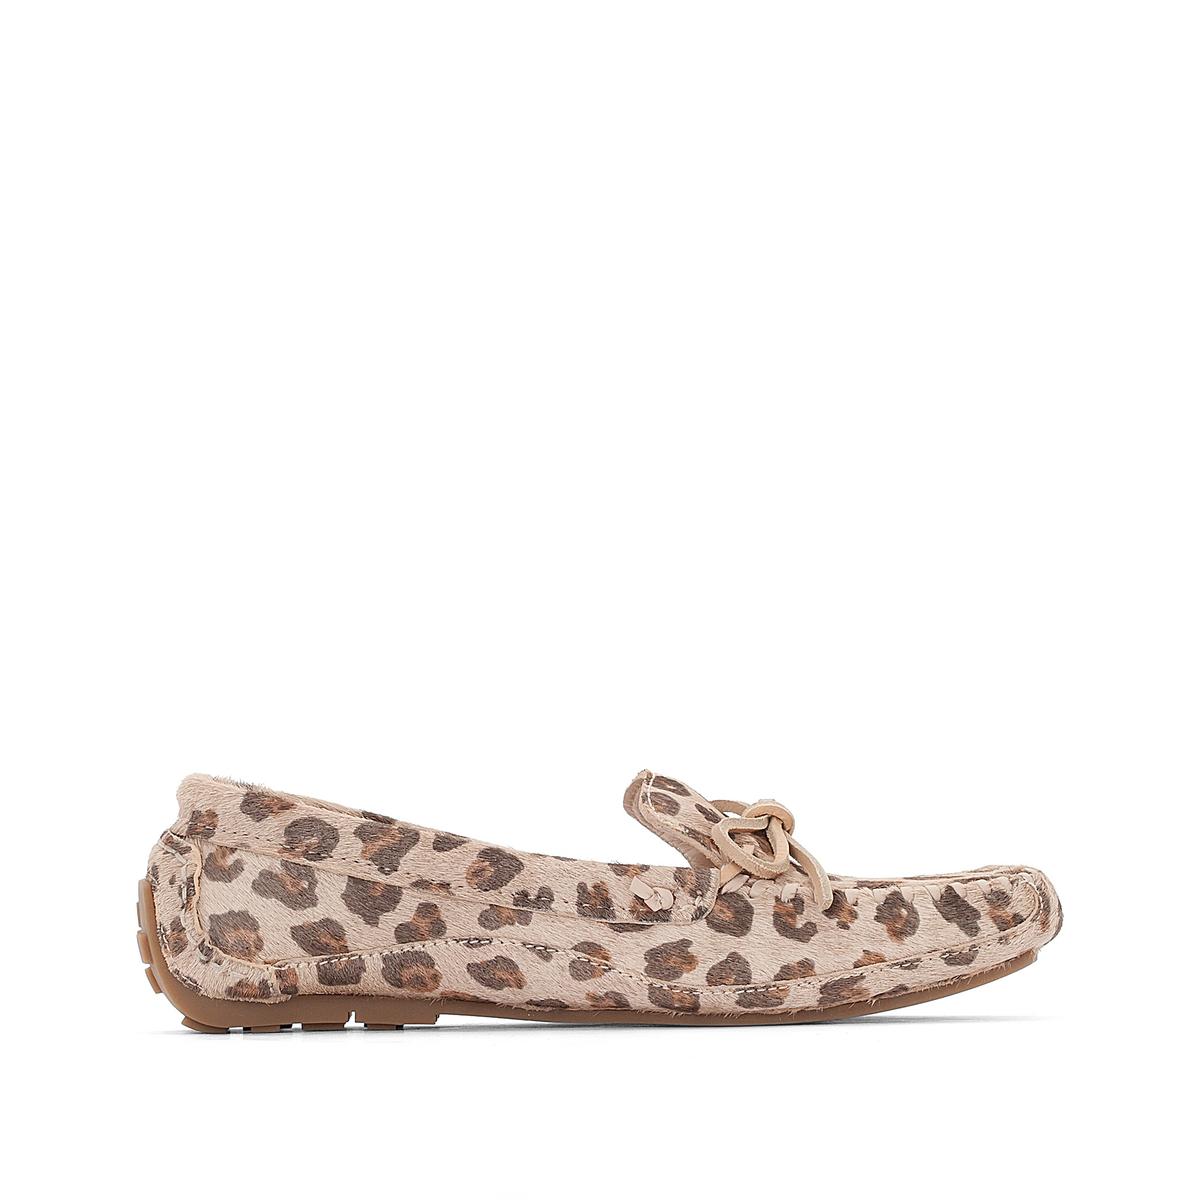 Мокасины кожаные Natala RioВерх : Кожа.   Подкладка : Кожа.   Стелька : Кожа.   Подошва : Каучук   Высота каблука : 0,5 см   Форма каблука : плоский каблук   Мысок : закругленный   Застежка : без застежки<br><br>Цвет: леопардовый рисунок